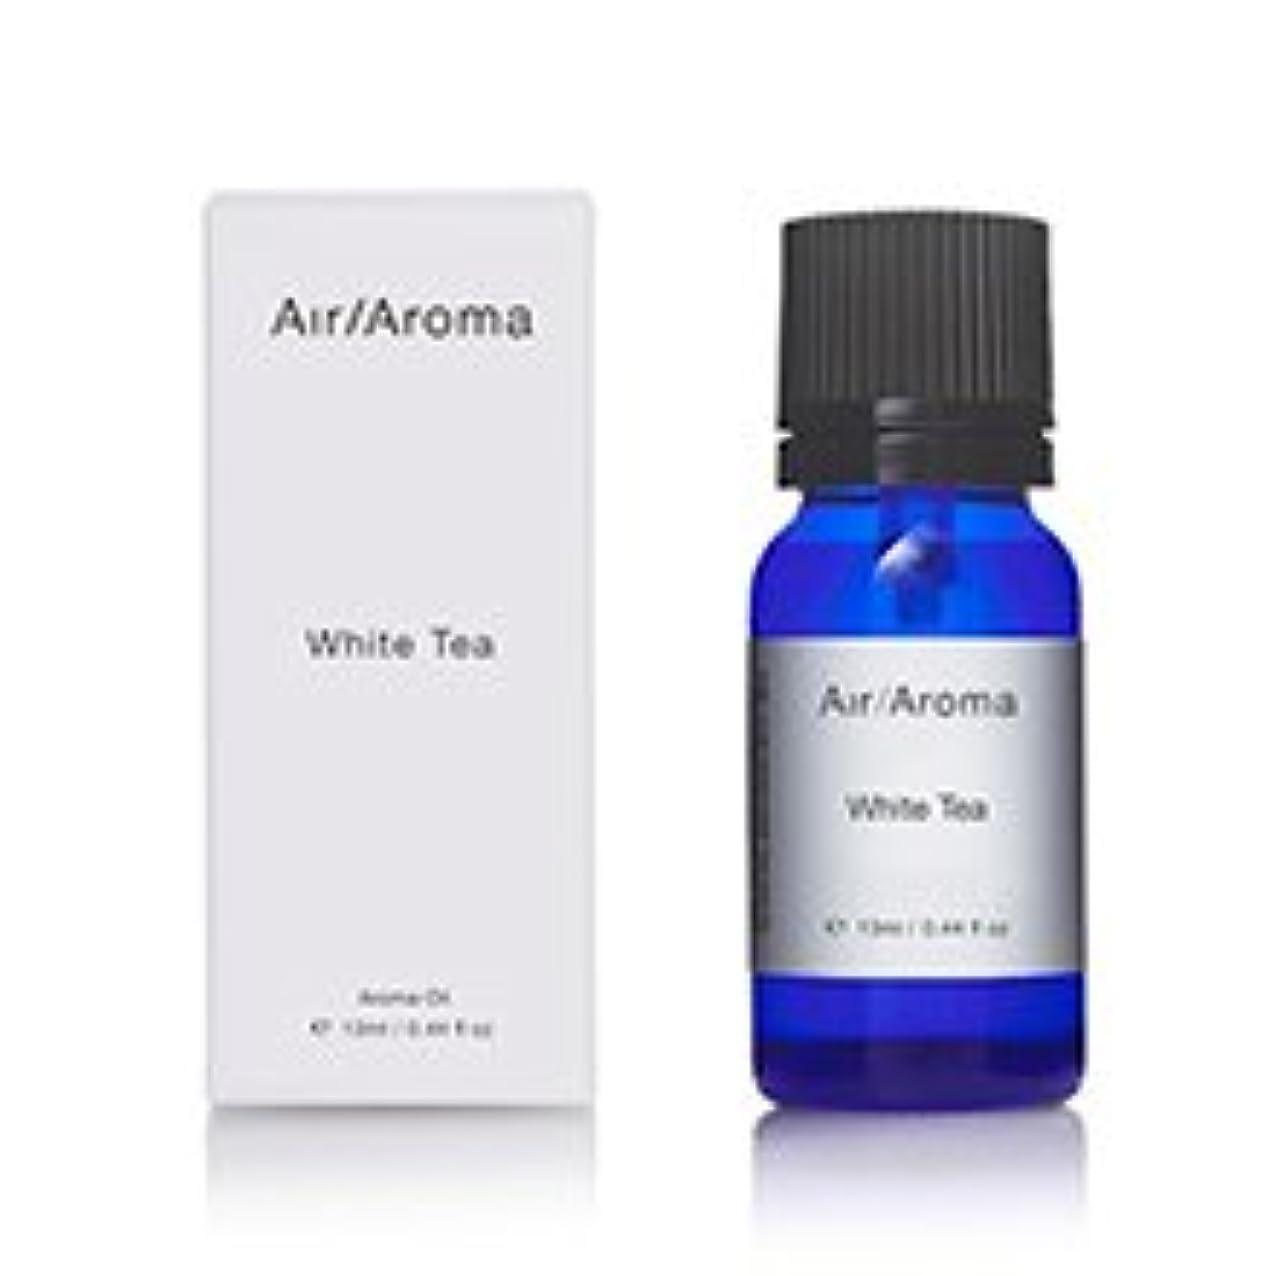 衝撃自動チップエアアロマ White Tea (ホワイトティー) 13ml